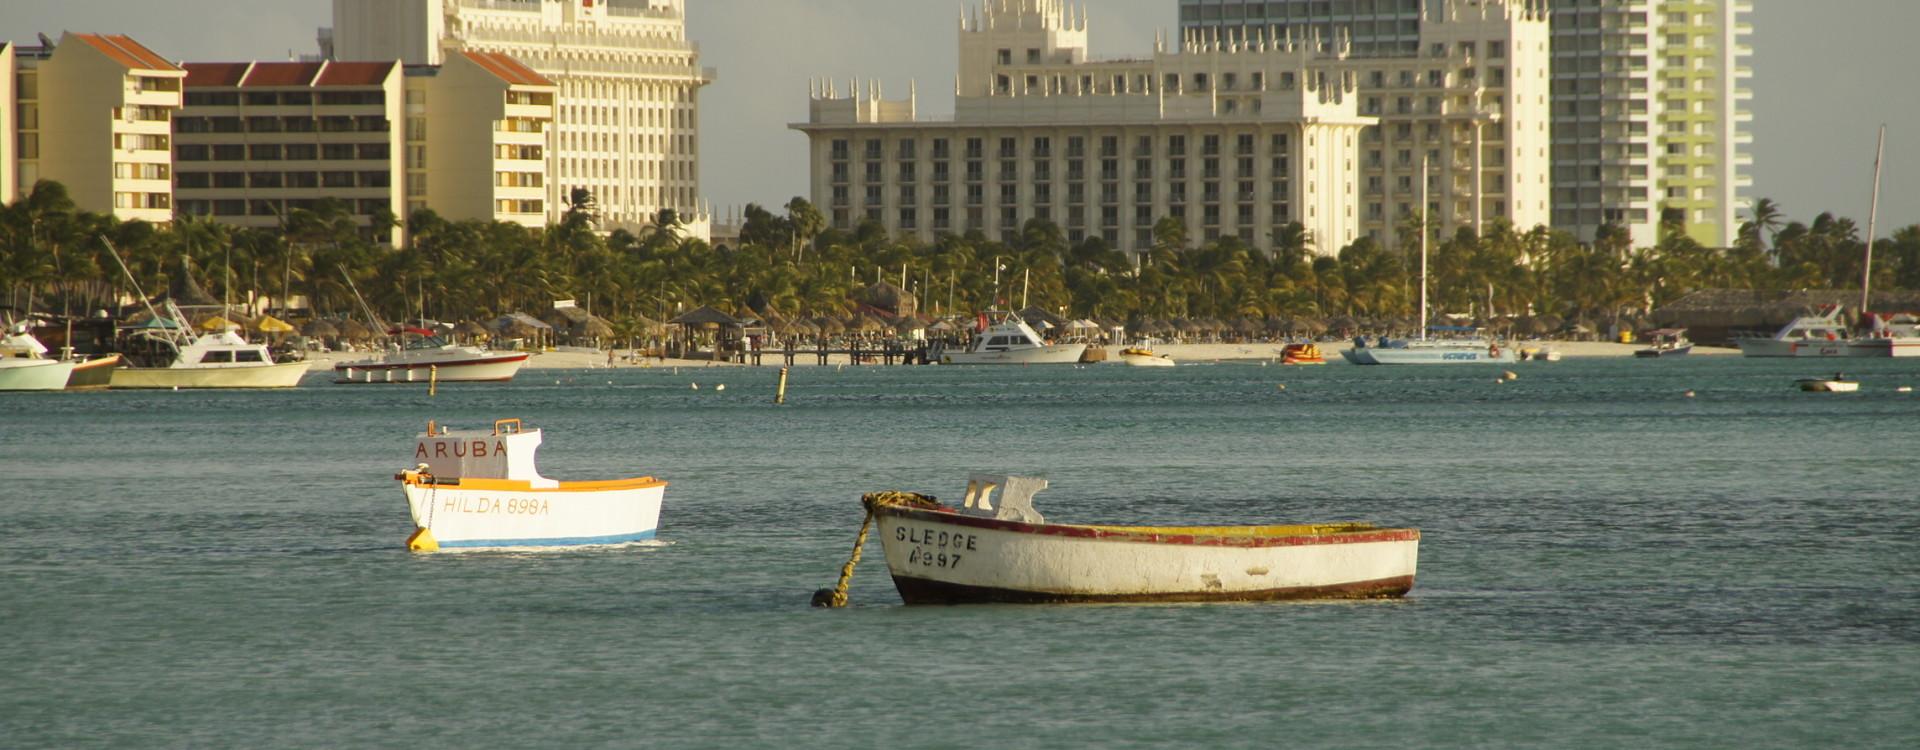 High Rise Hotels – Palm Beach, Aruba